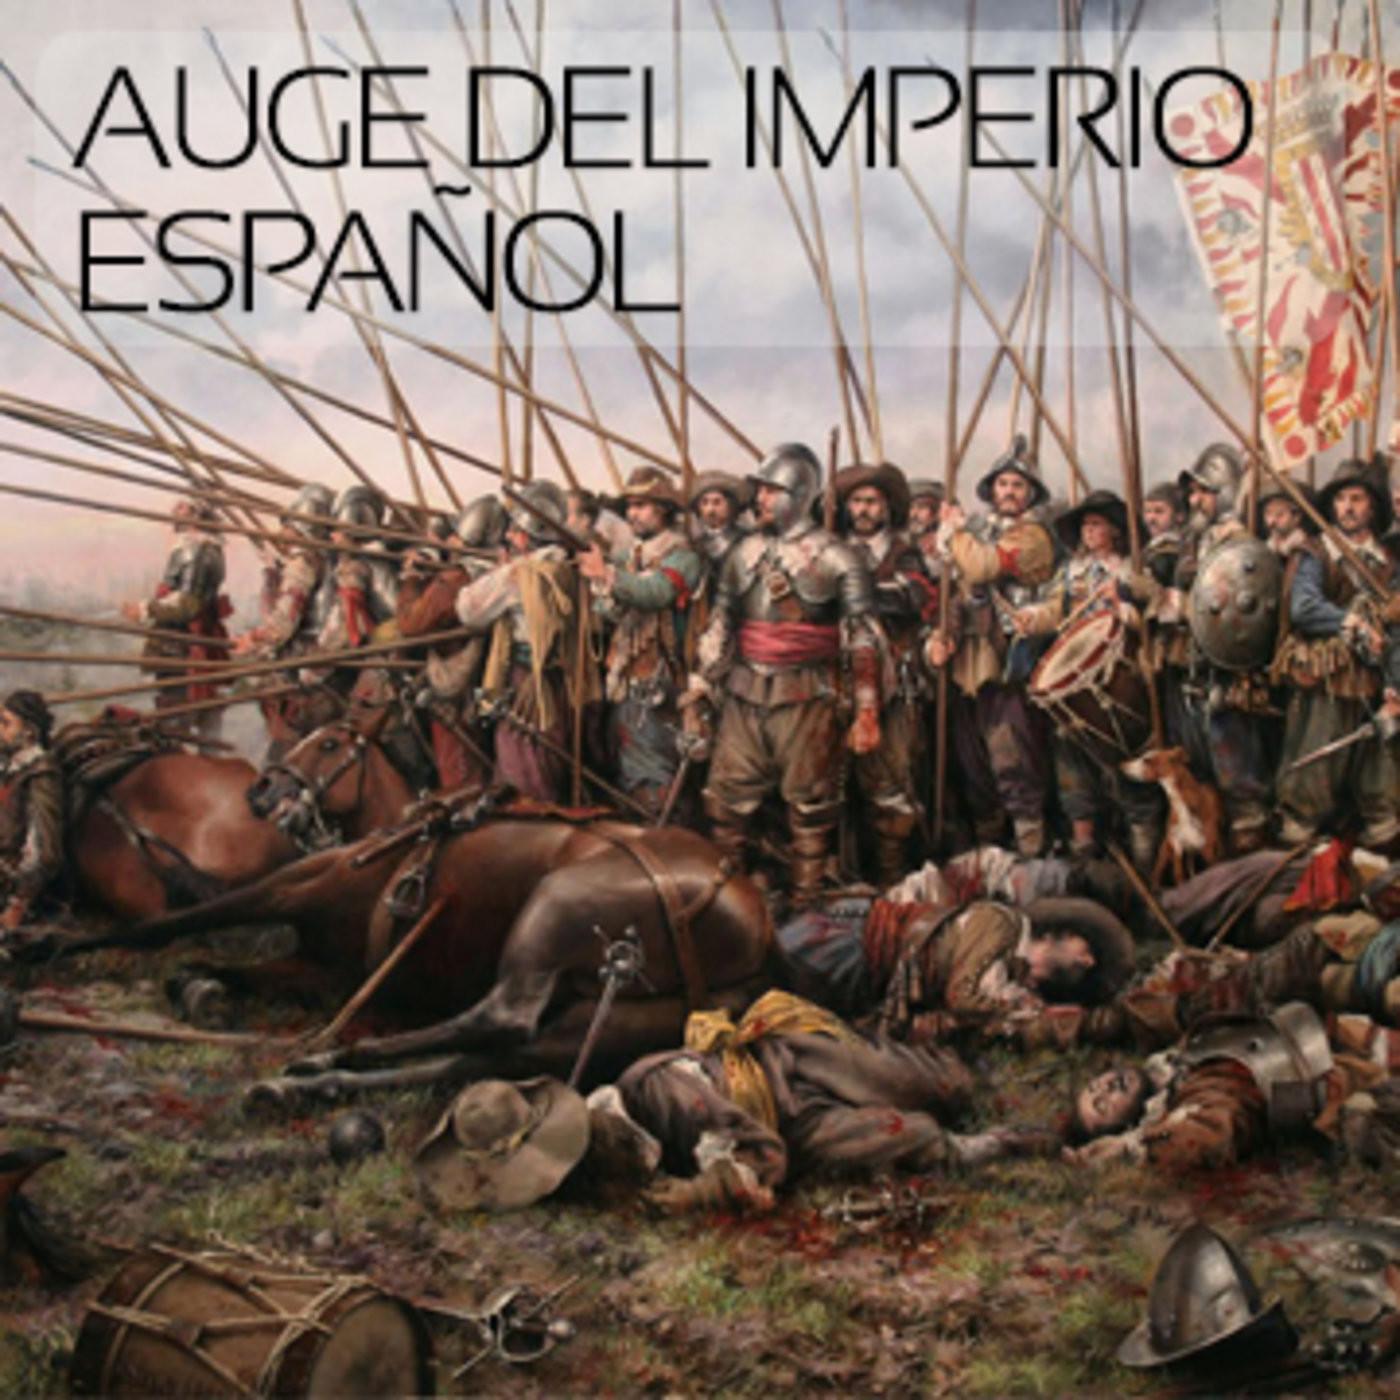 Auge del Imperio Español